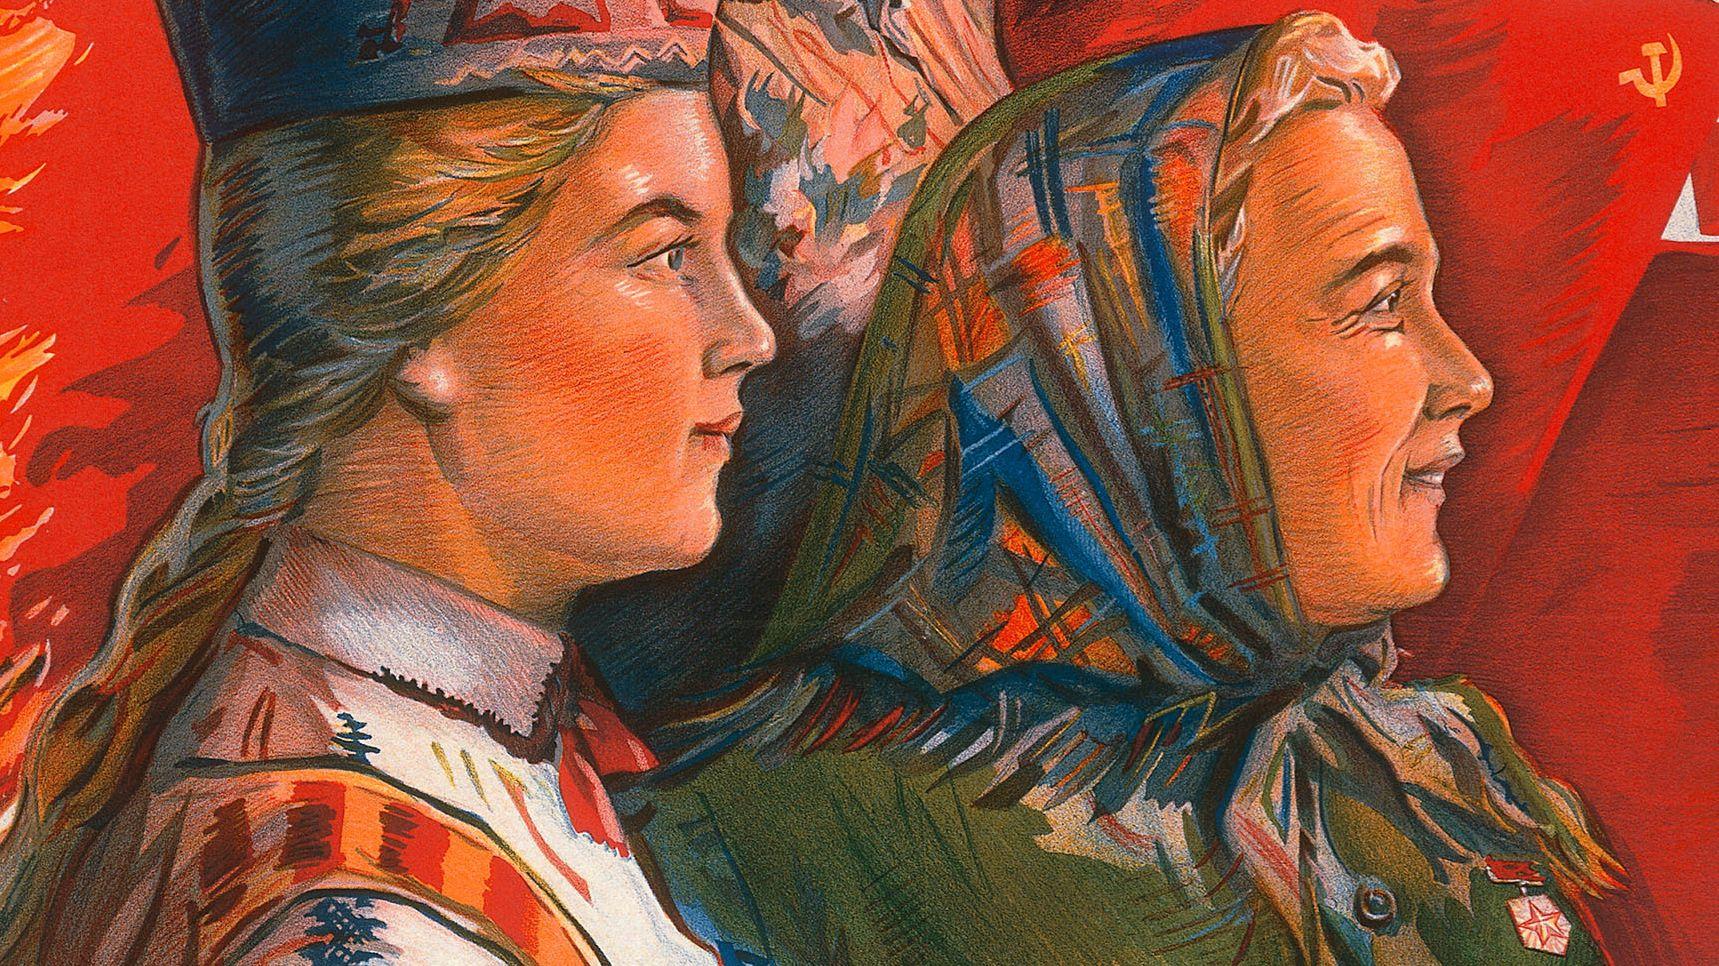 Frauen mit Kopftüchern im Profil vor roten Sowjetfahnen